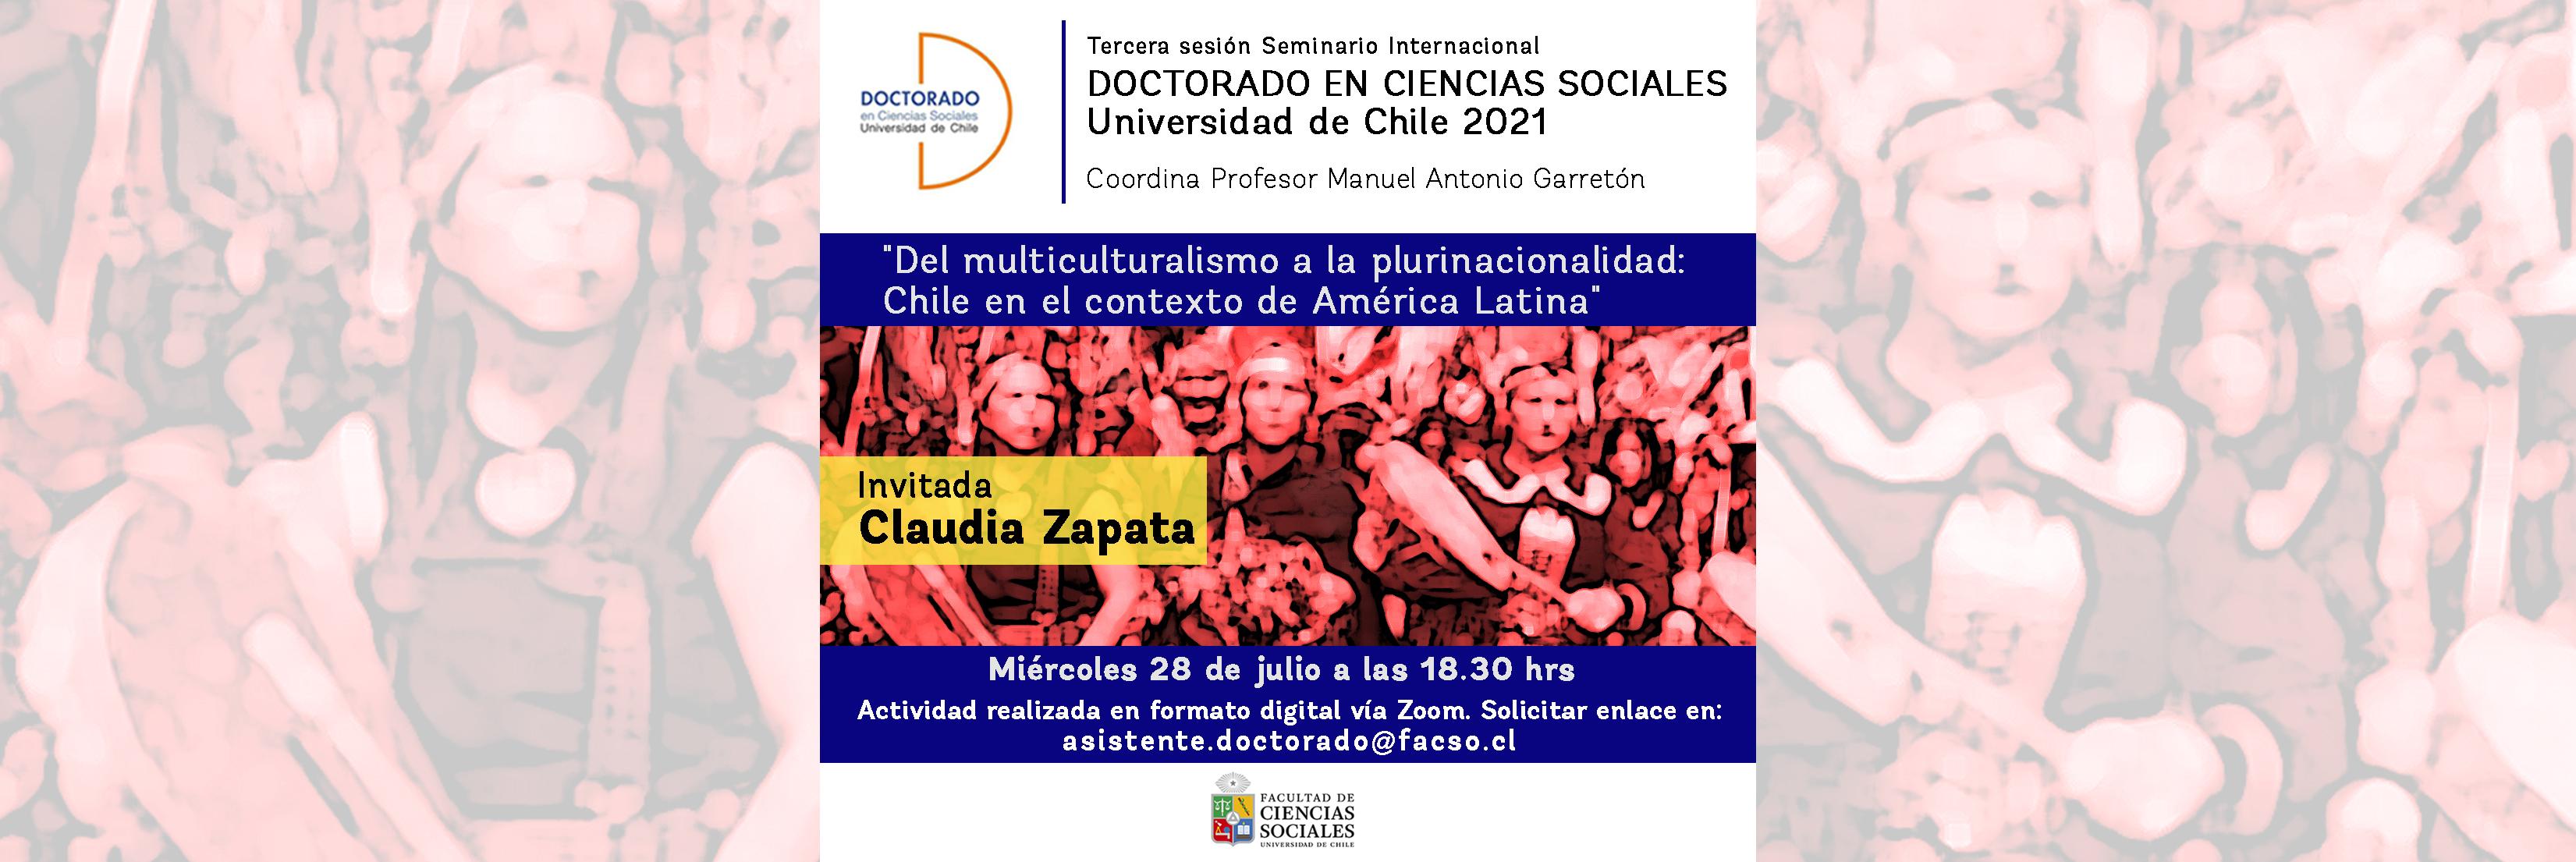 Tercera sesión del seminario Internacional del Doctorado en Ciencias Sociales 2021